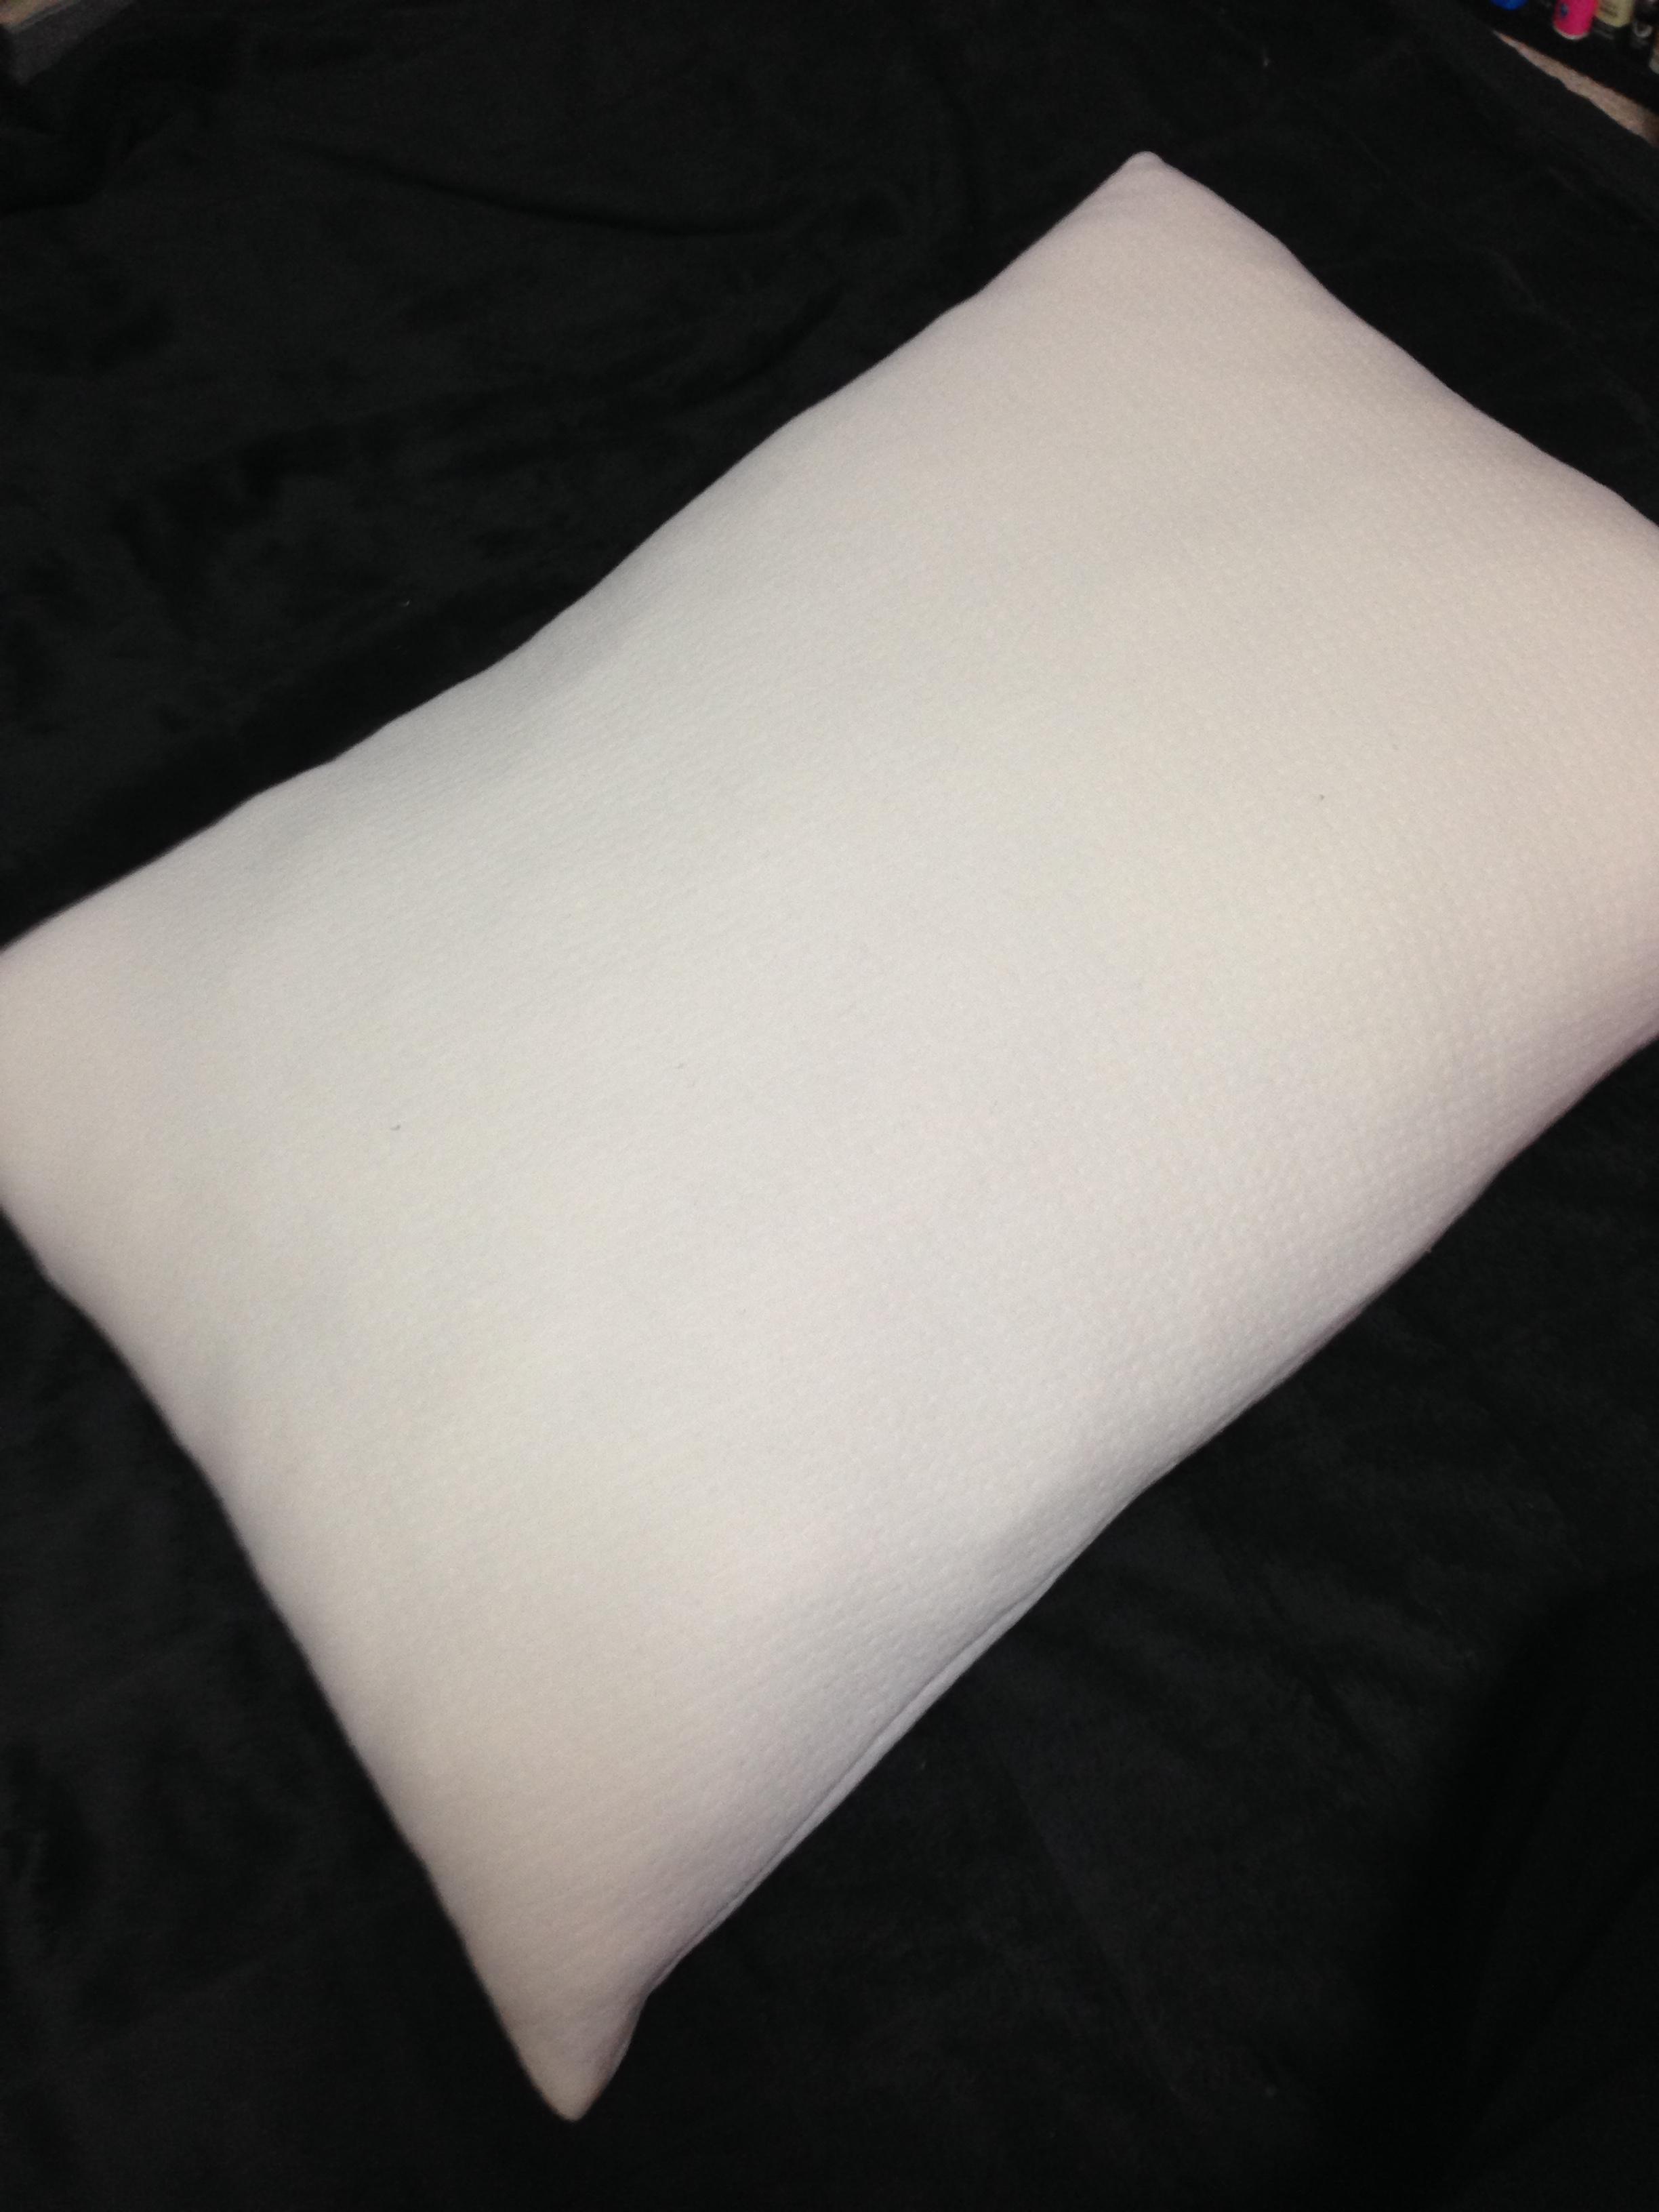 枕を買い替えたら快適!安くてもいいから新しい枕を買おう